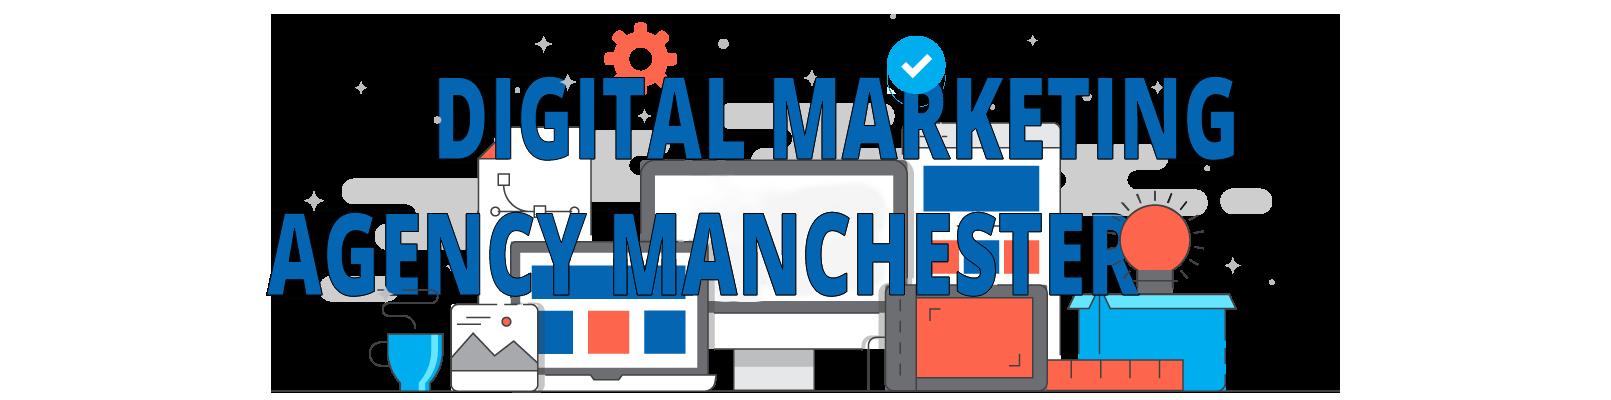 Award Winning Digital Marketing Agency Manchester